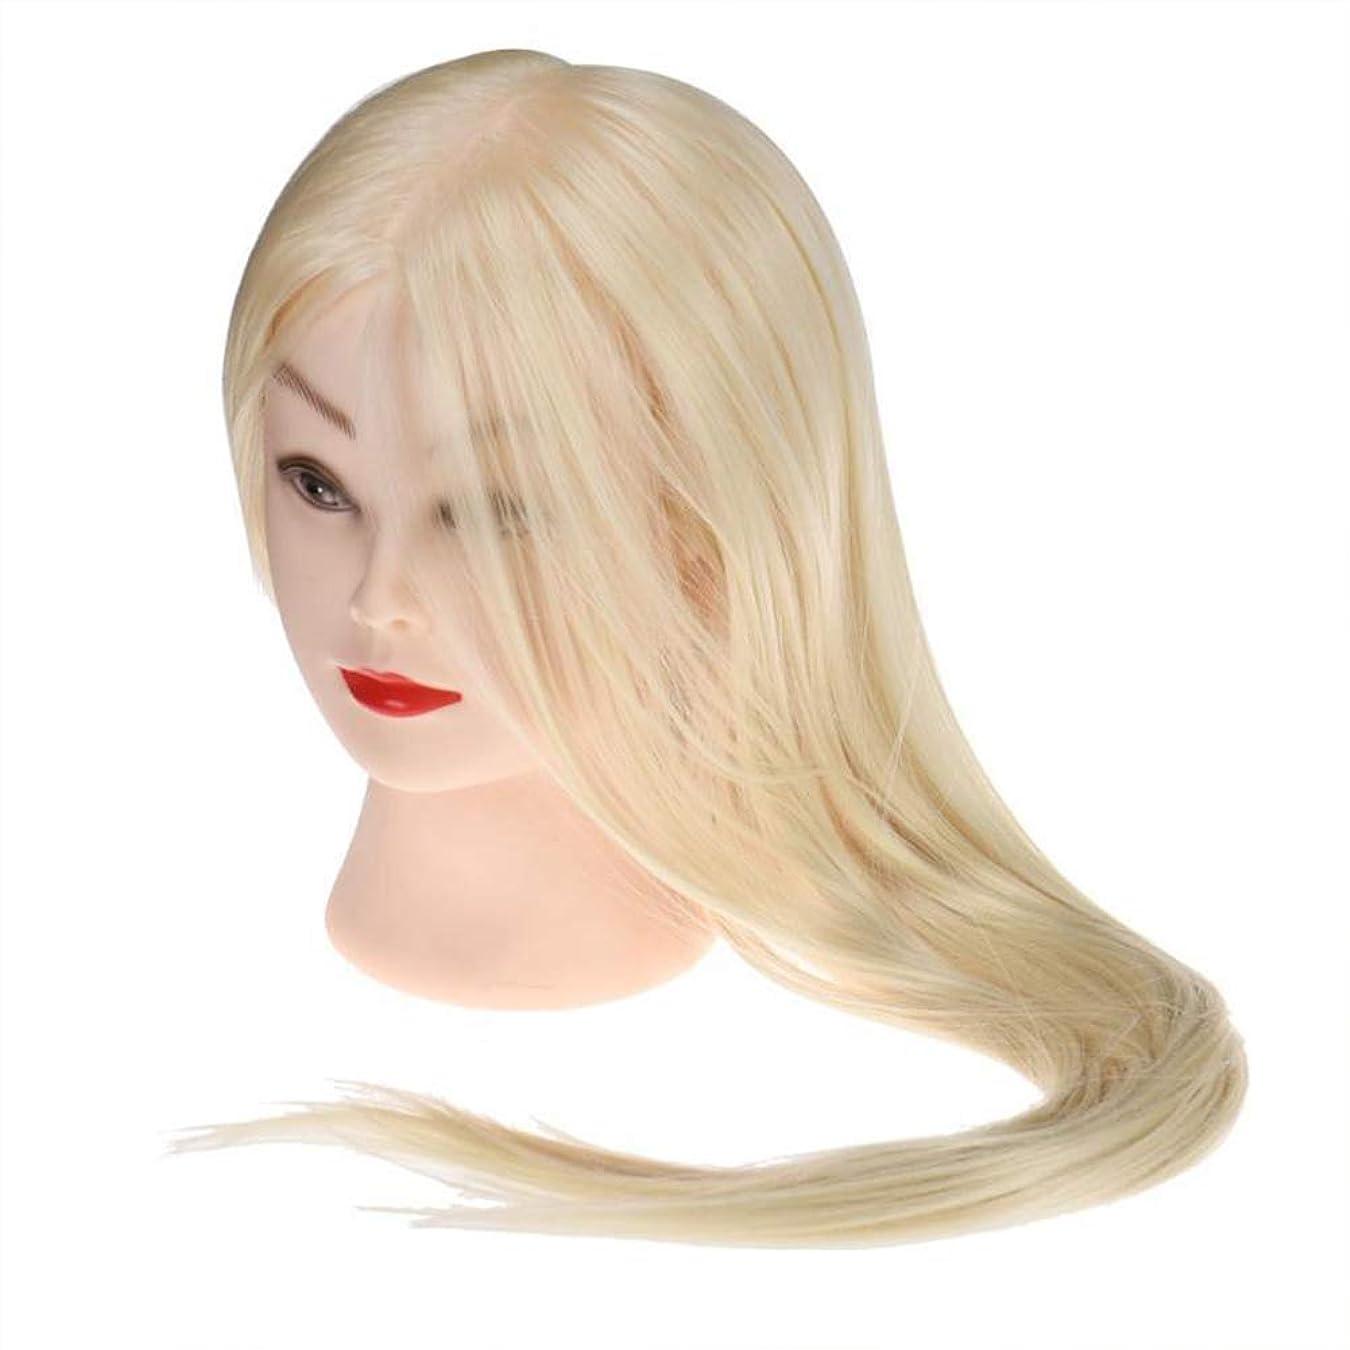 与えるダウン砲兵サロン散髪練習ヘッドモデルメイク学校編組髪開発学習モデルヘッドヘアストレートロングかつら